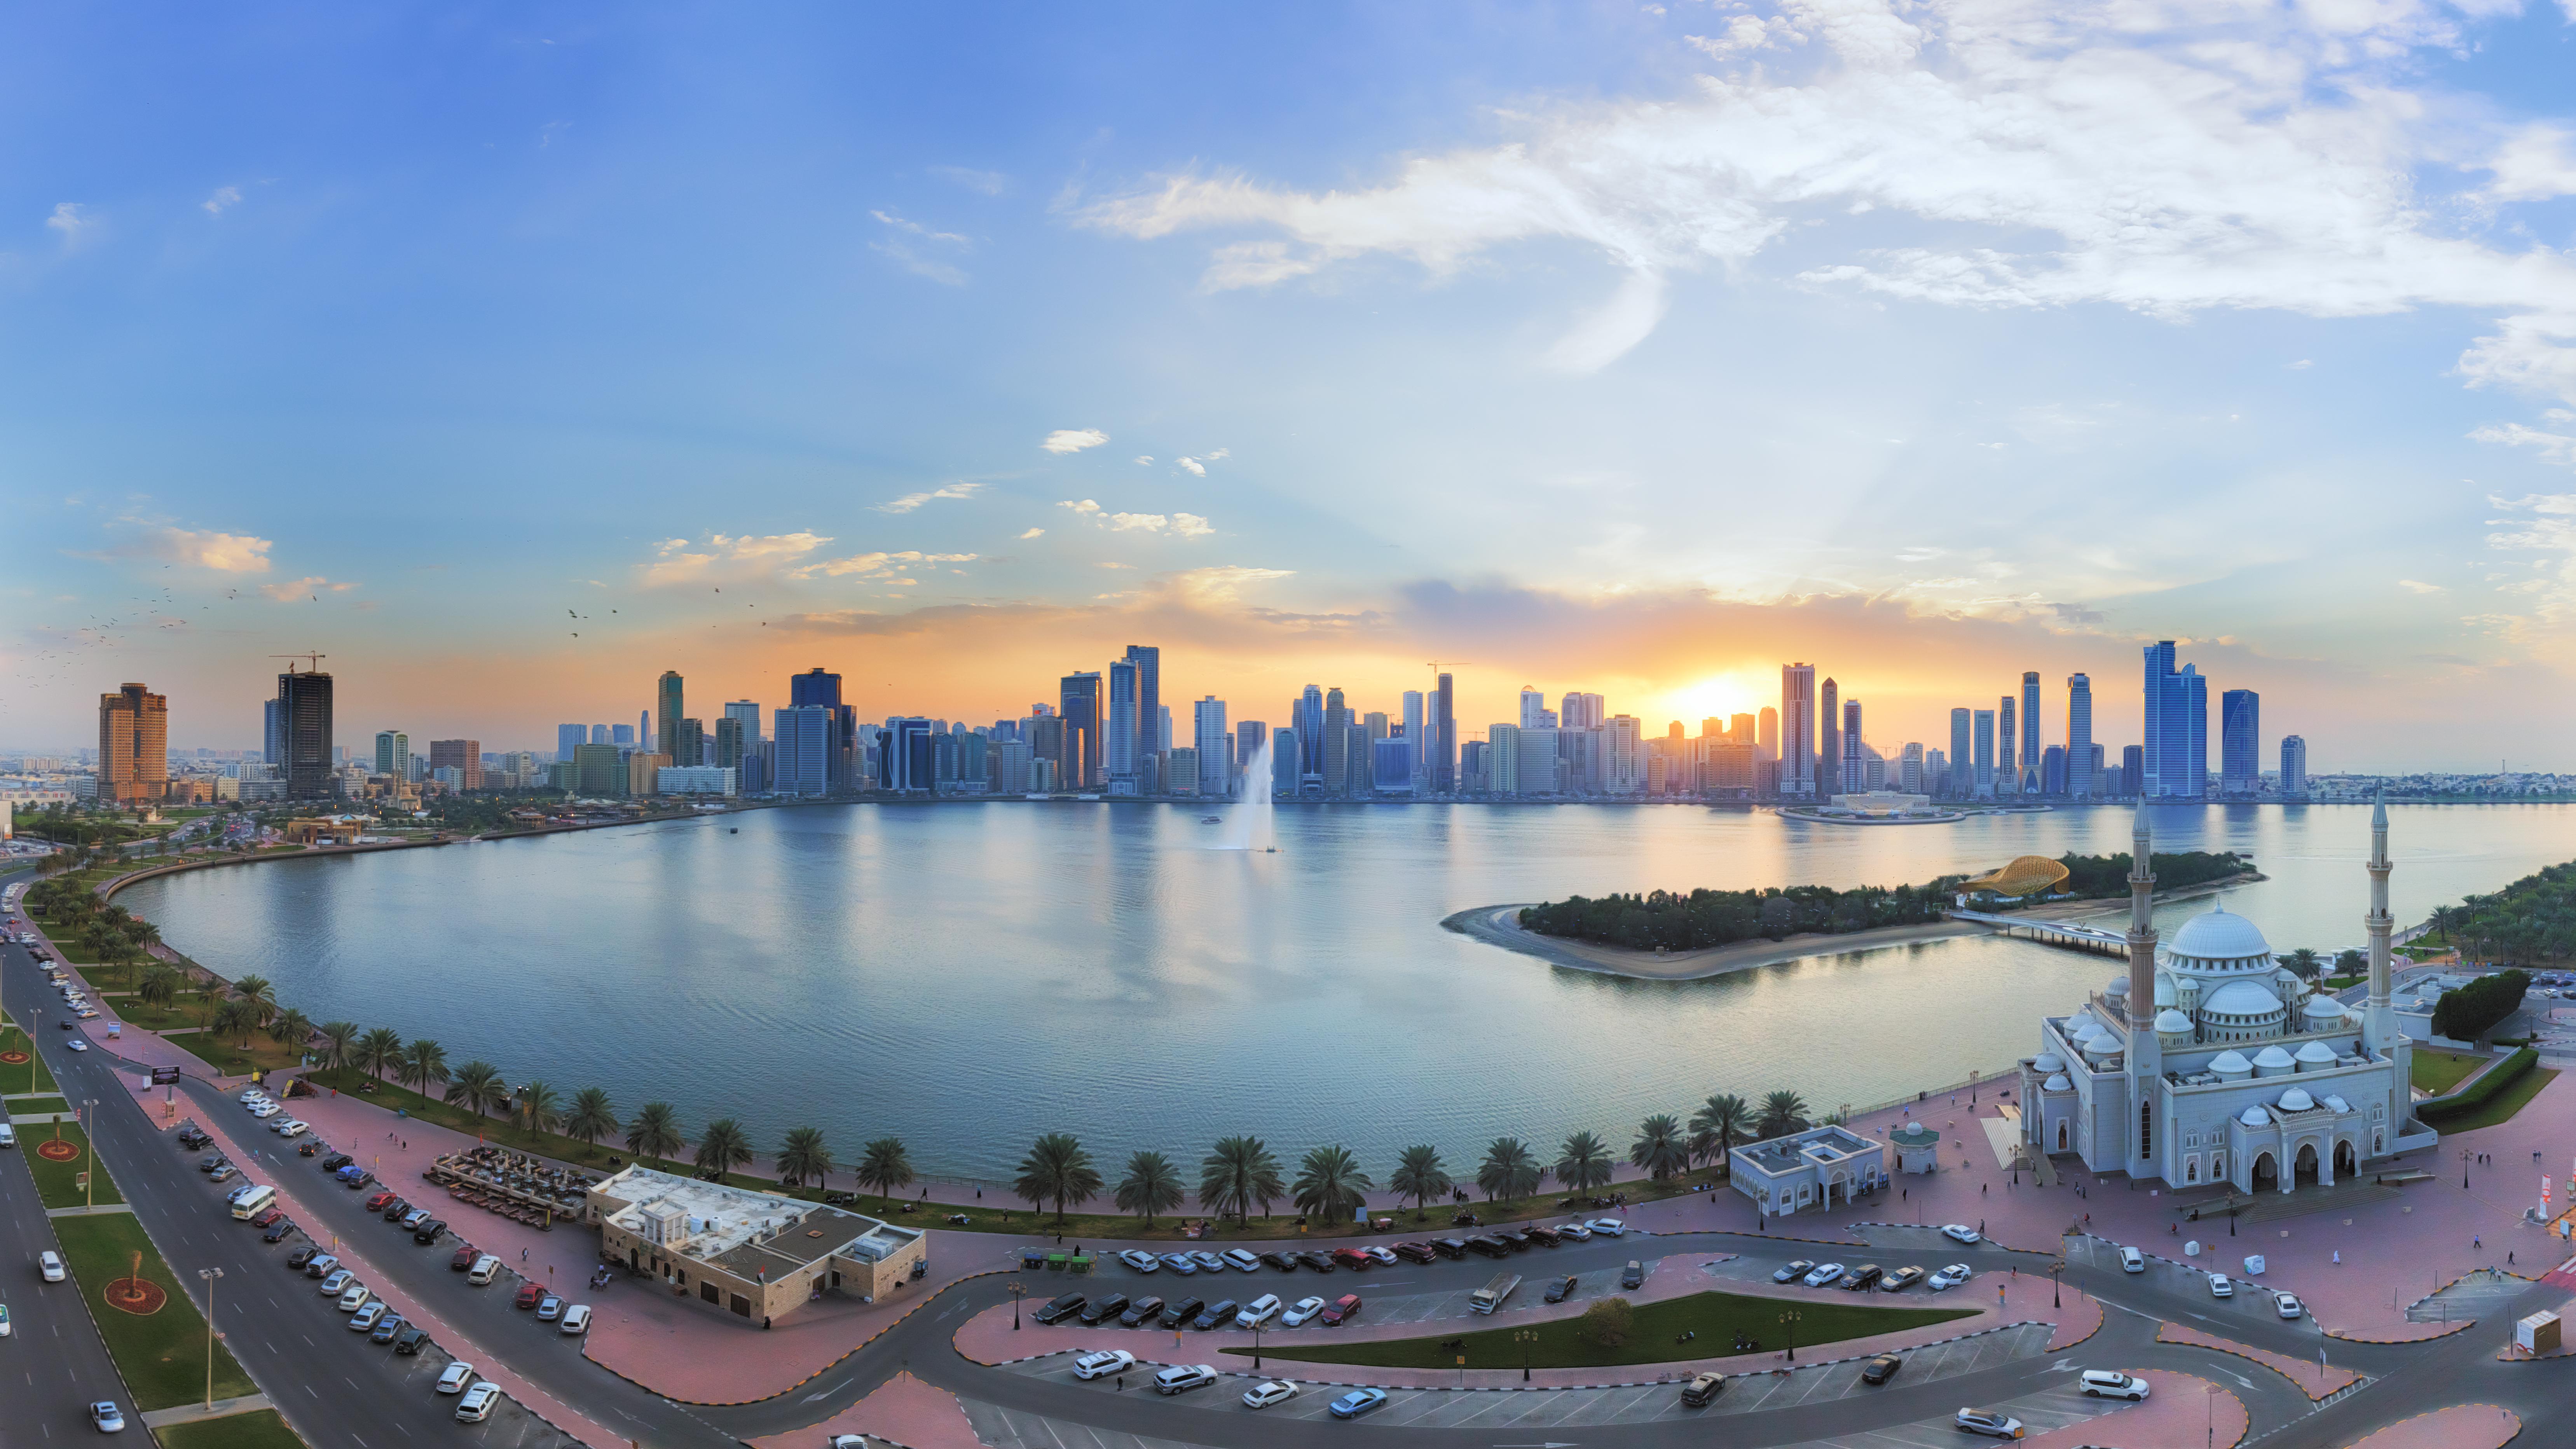 Sharjah, et af de syv medlemmer af De forenede Arabiske Emirater, vil gerne vise flaget mere tydeligt i Norden. Foto: Sharjahmydestination.ae